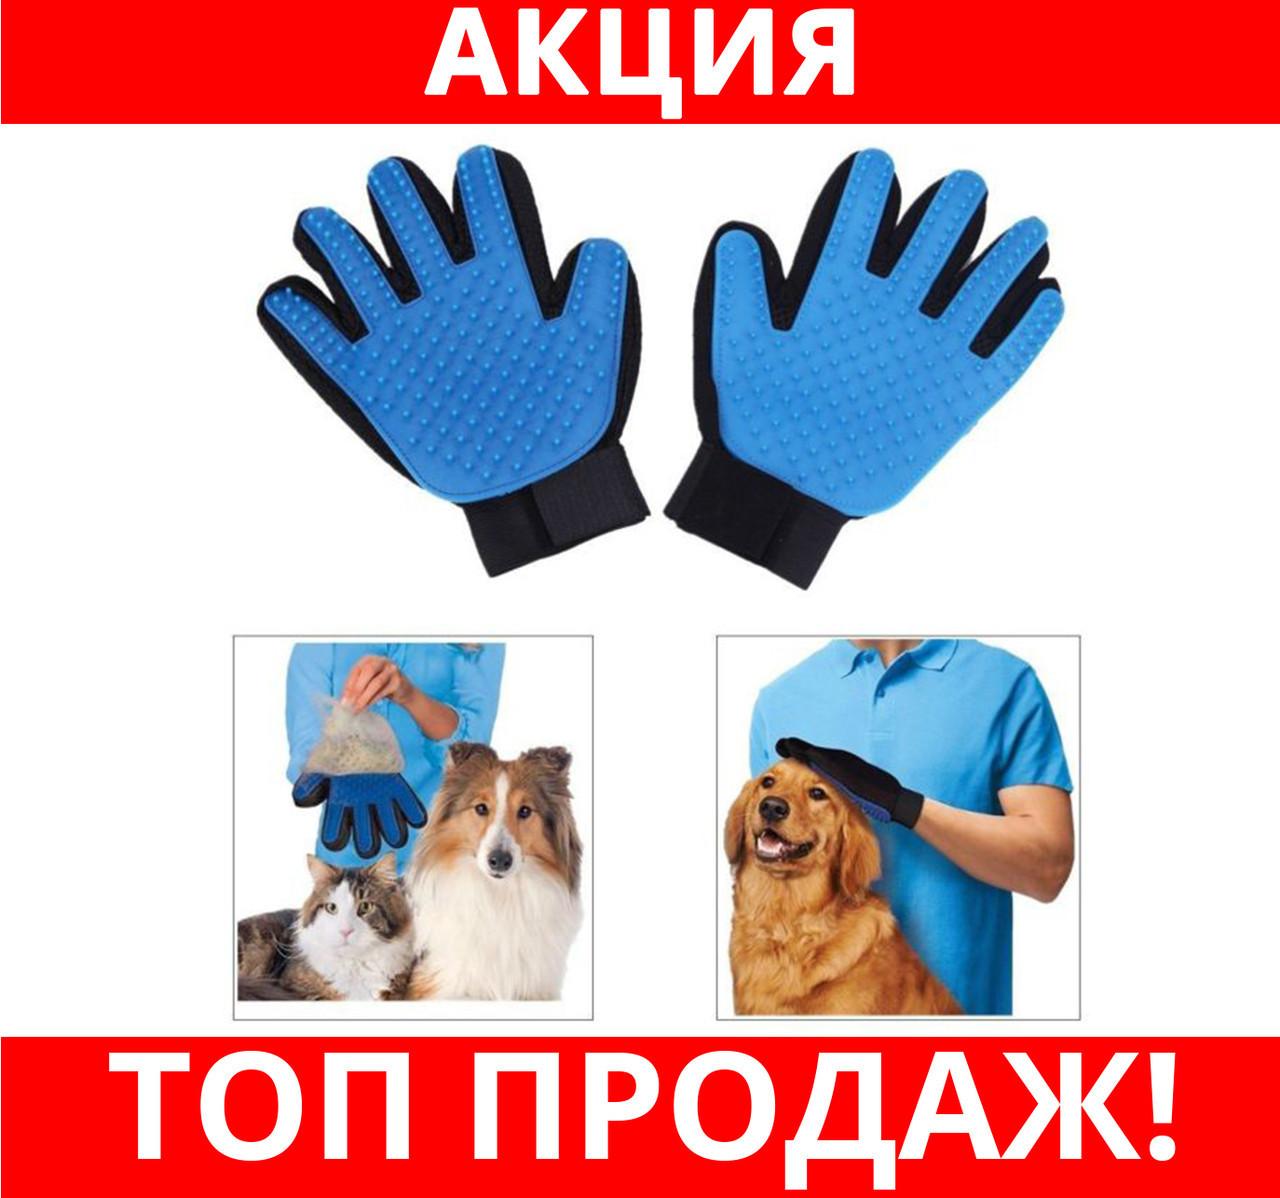 Щетка перчатка для вычесывания шерсти домашних животных True Touch!Хит цена